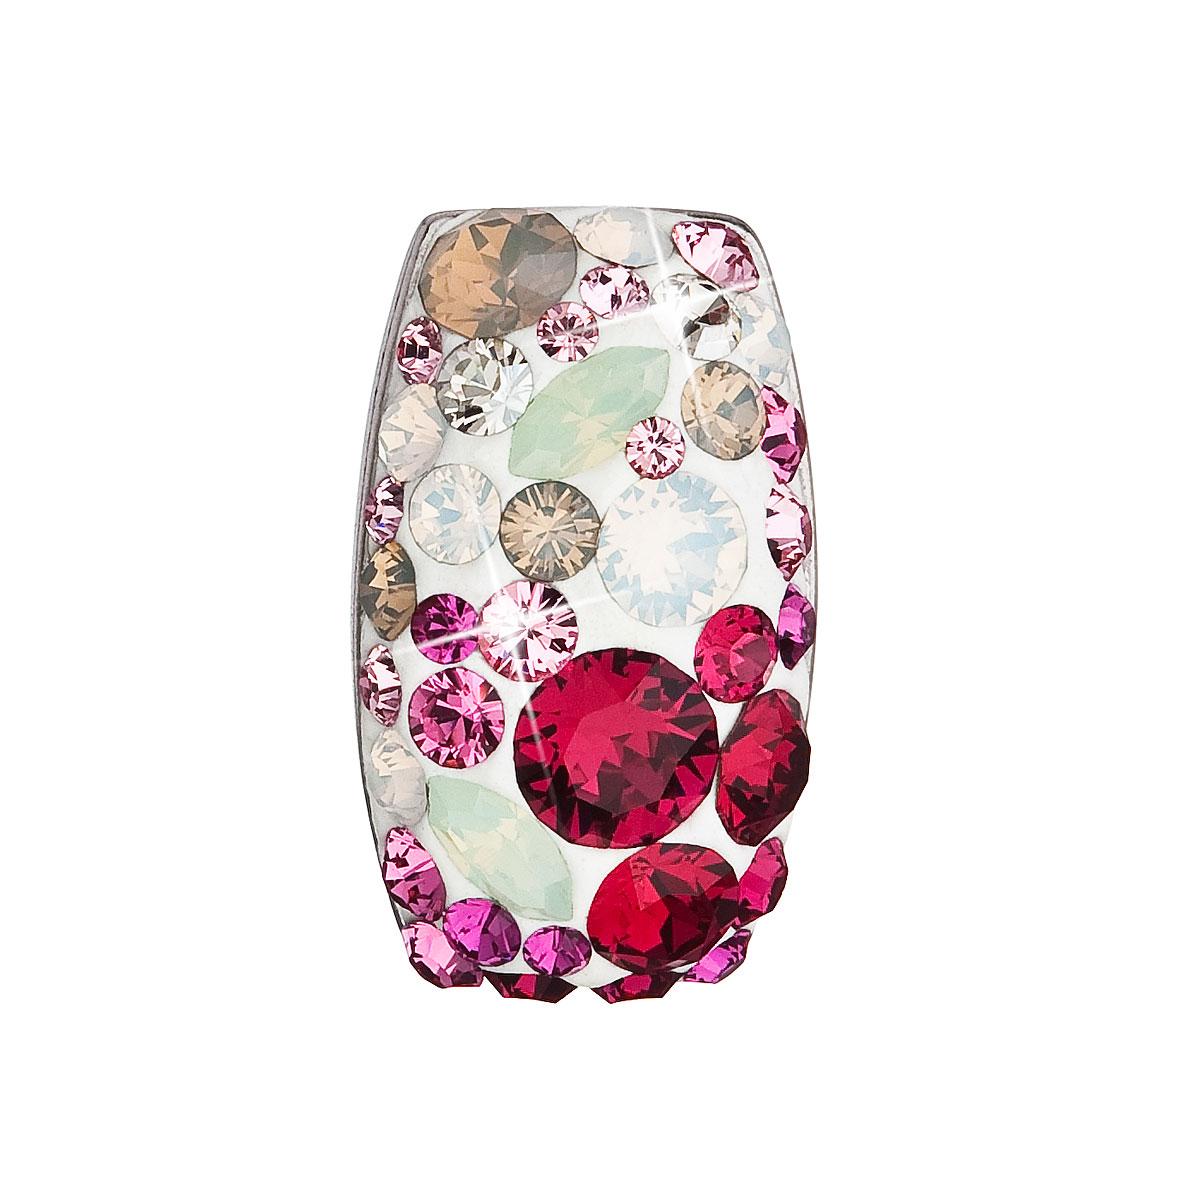 Evolution Group Stříbrný přívěsek s krystaly Swarovski mix barev obdélník 34194.3 sweet love